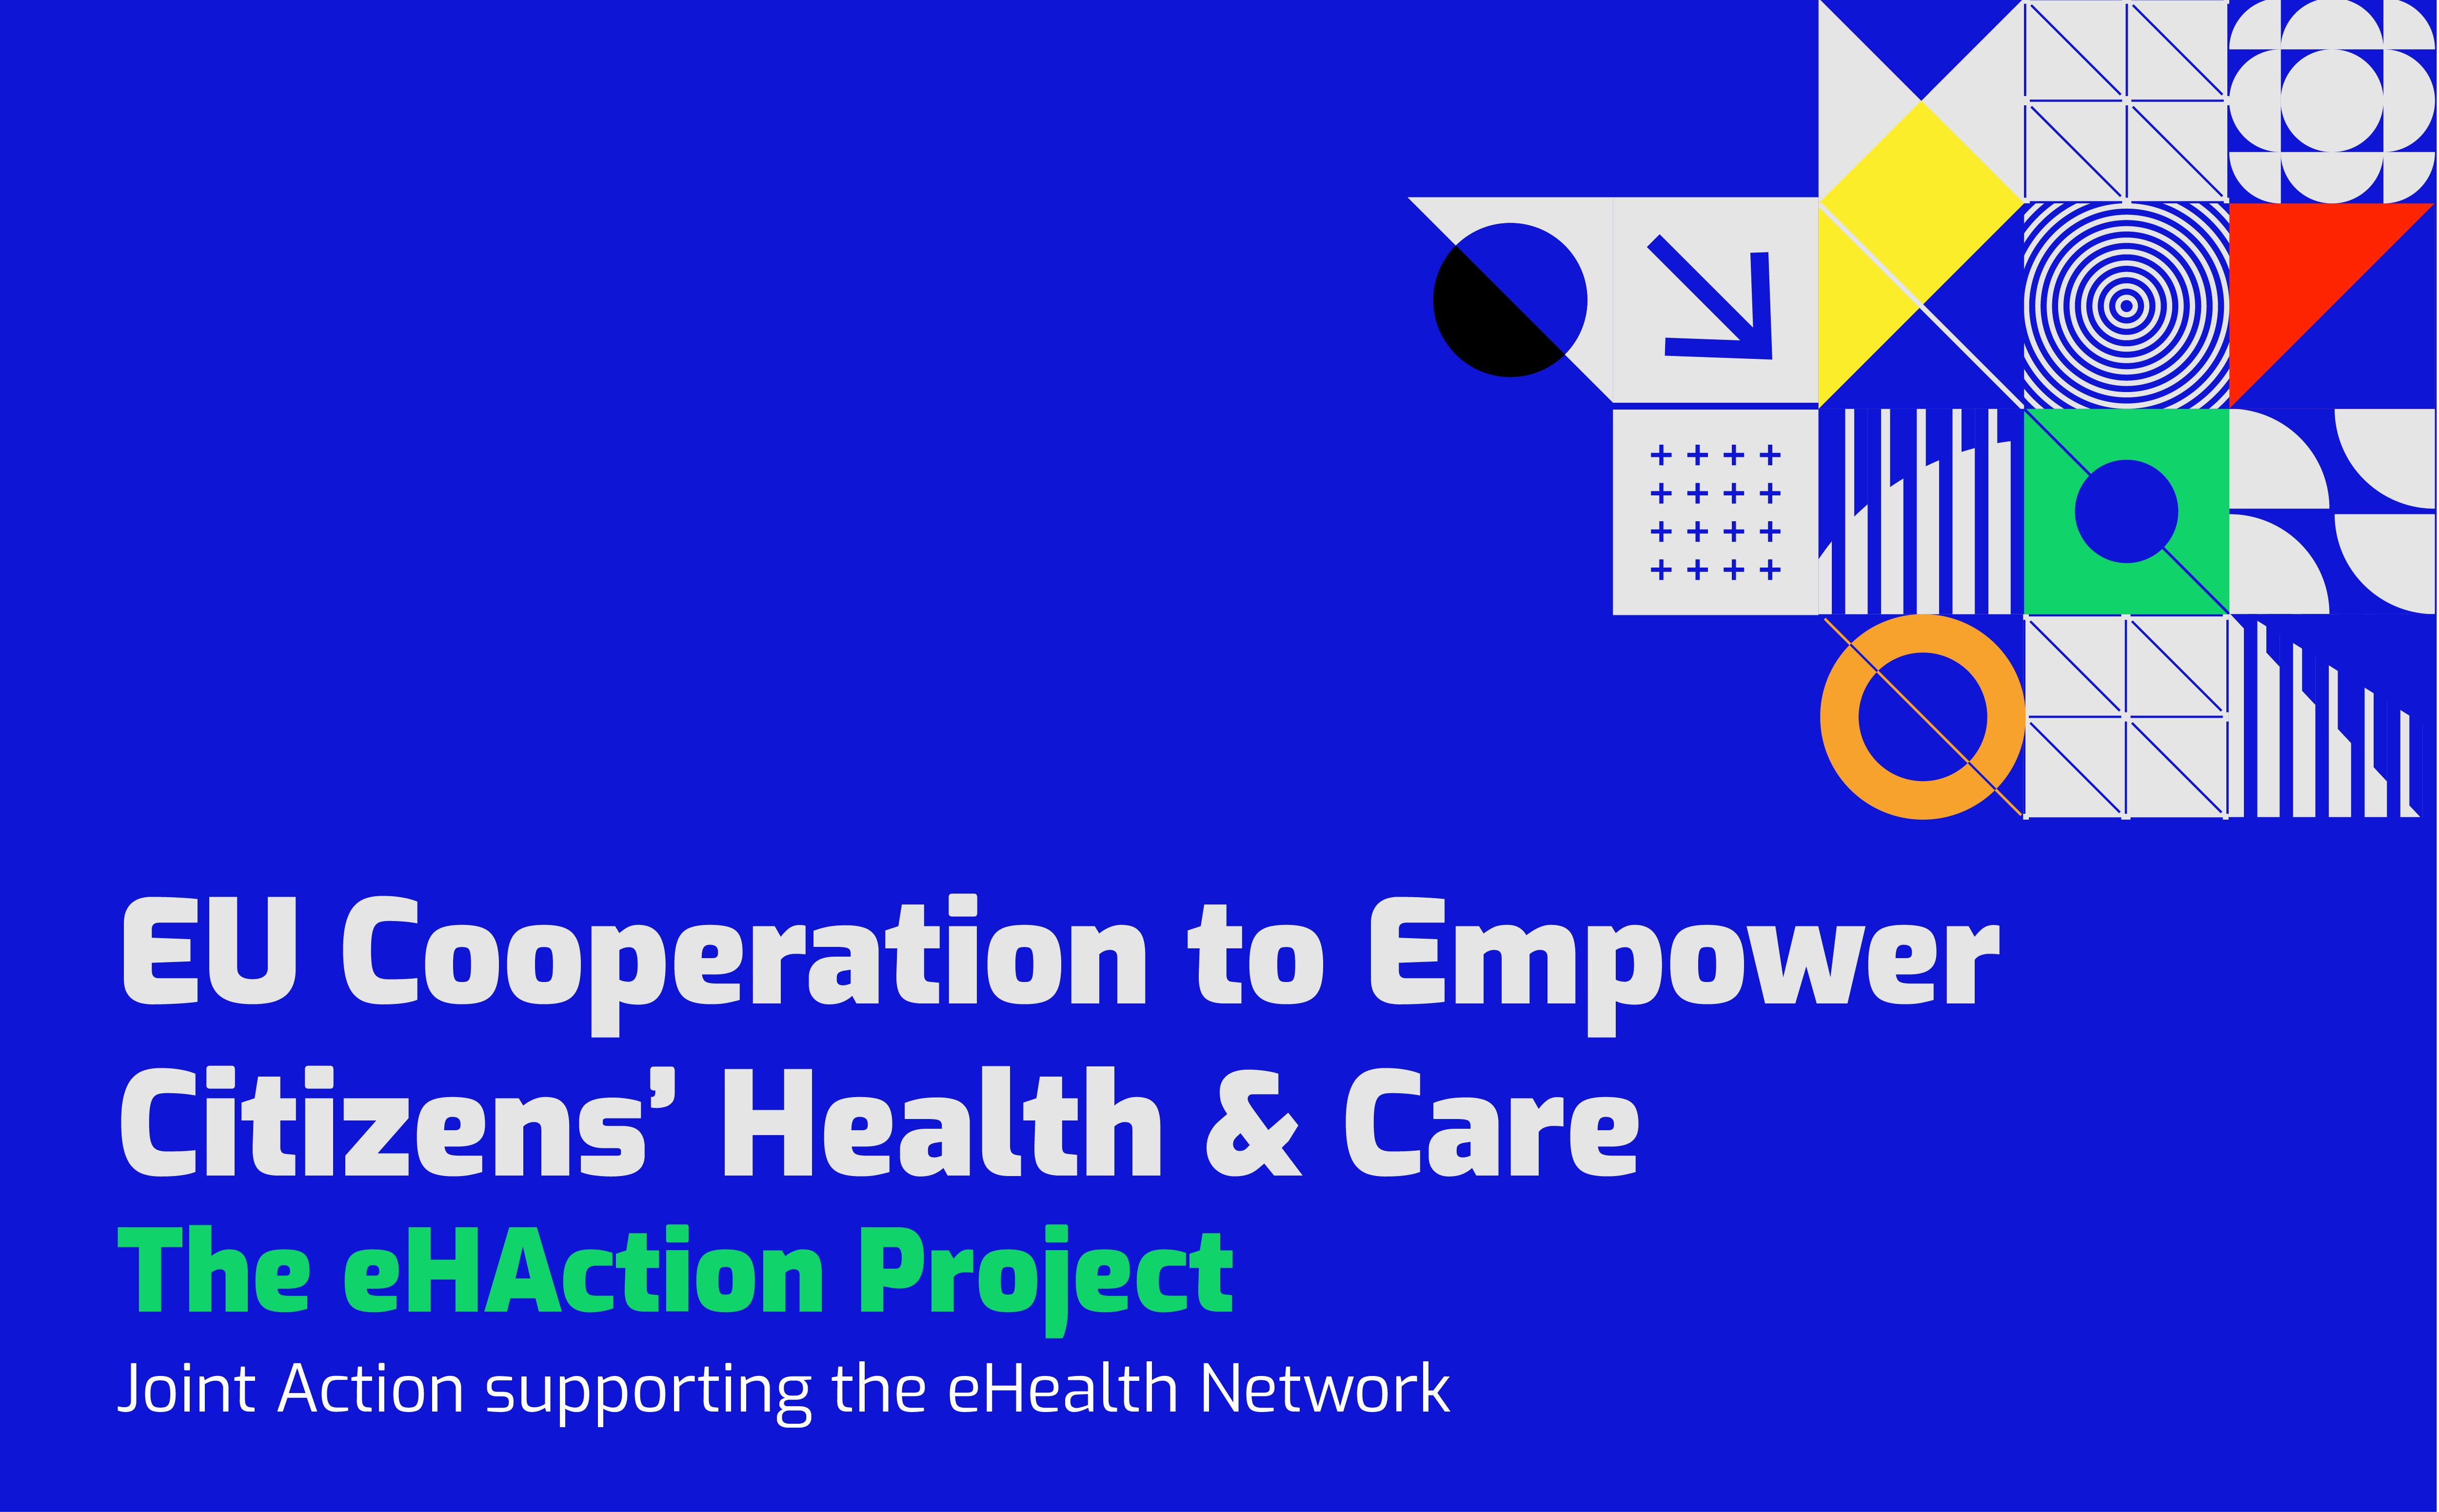 Event | EU Cooperation to Empower Citizens' Health & Care